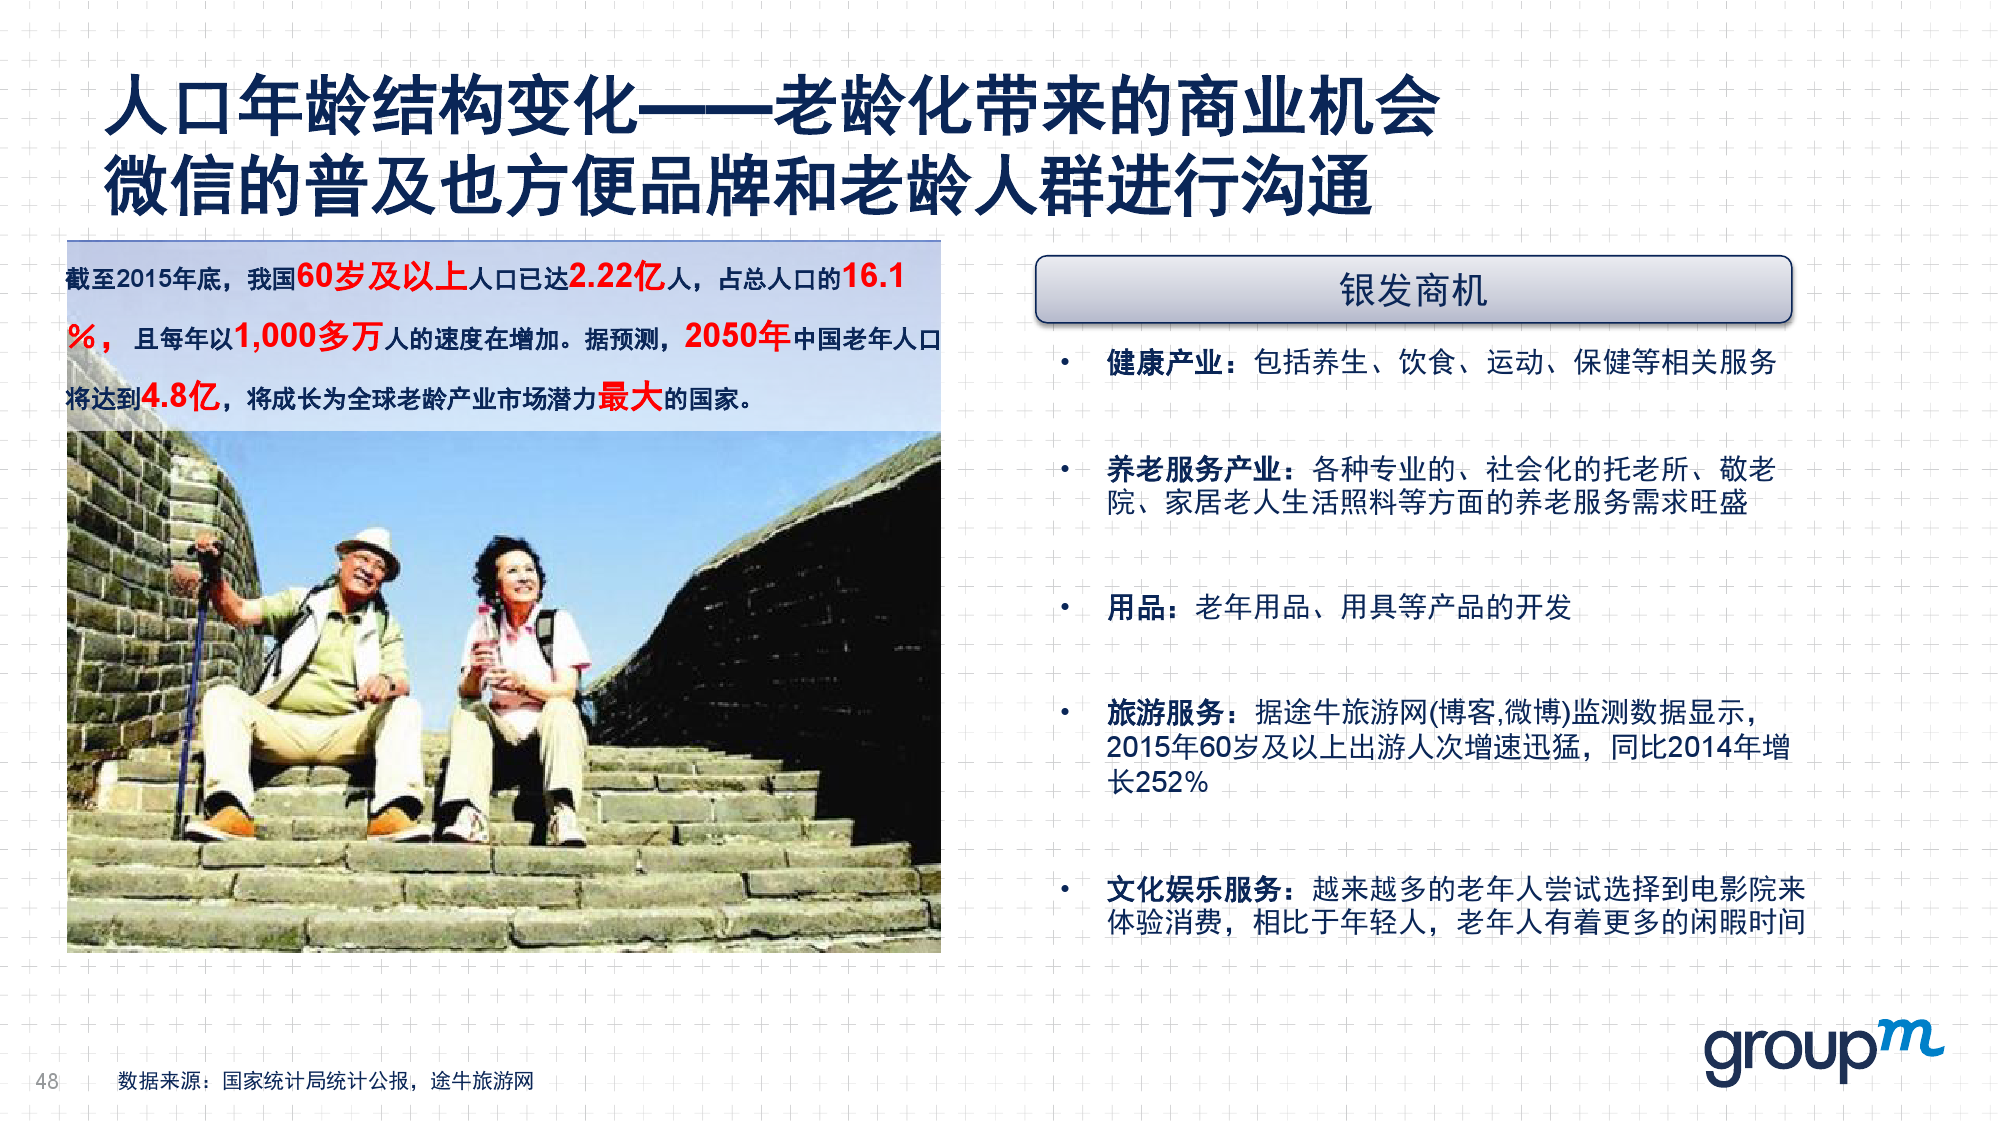 赢在中国2016:从需求刺激转向供给侧改革_000048